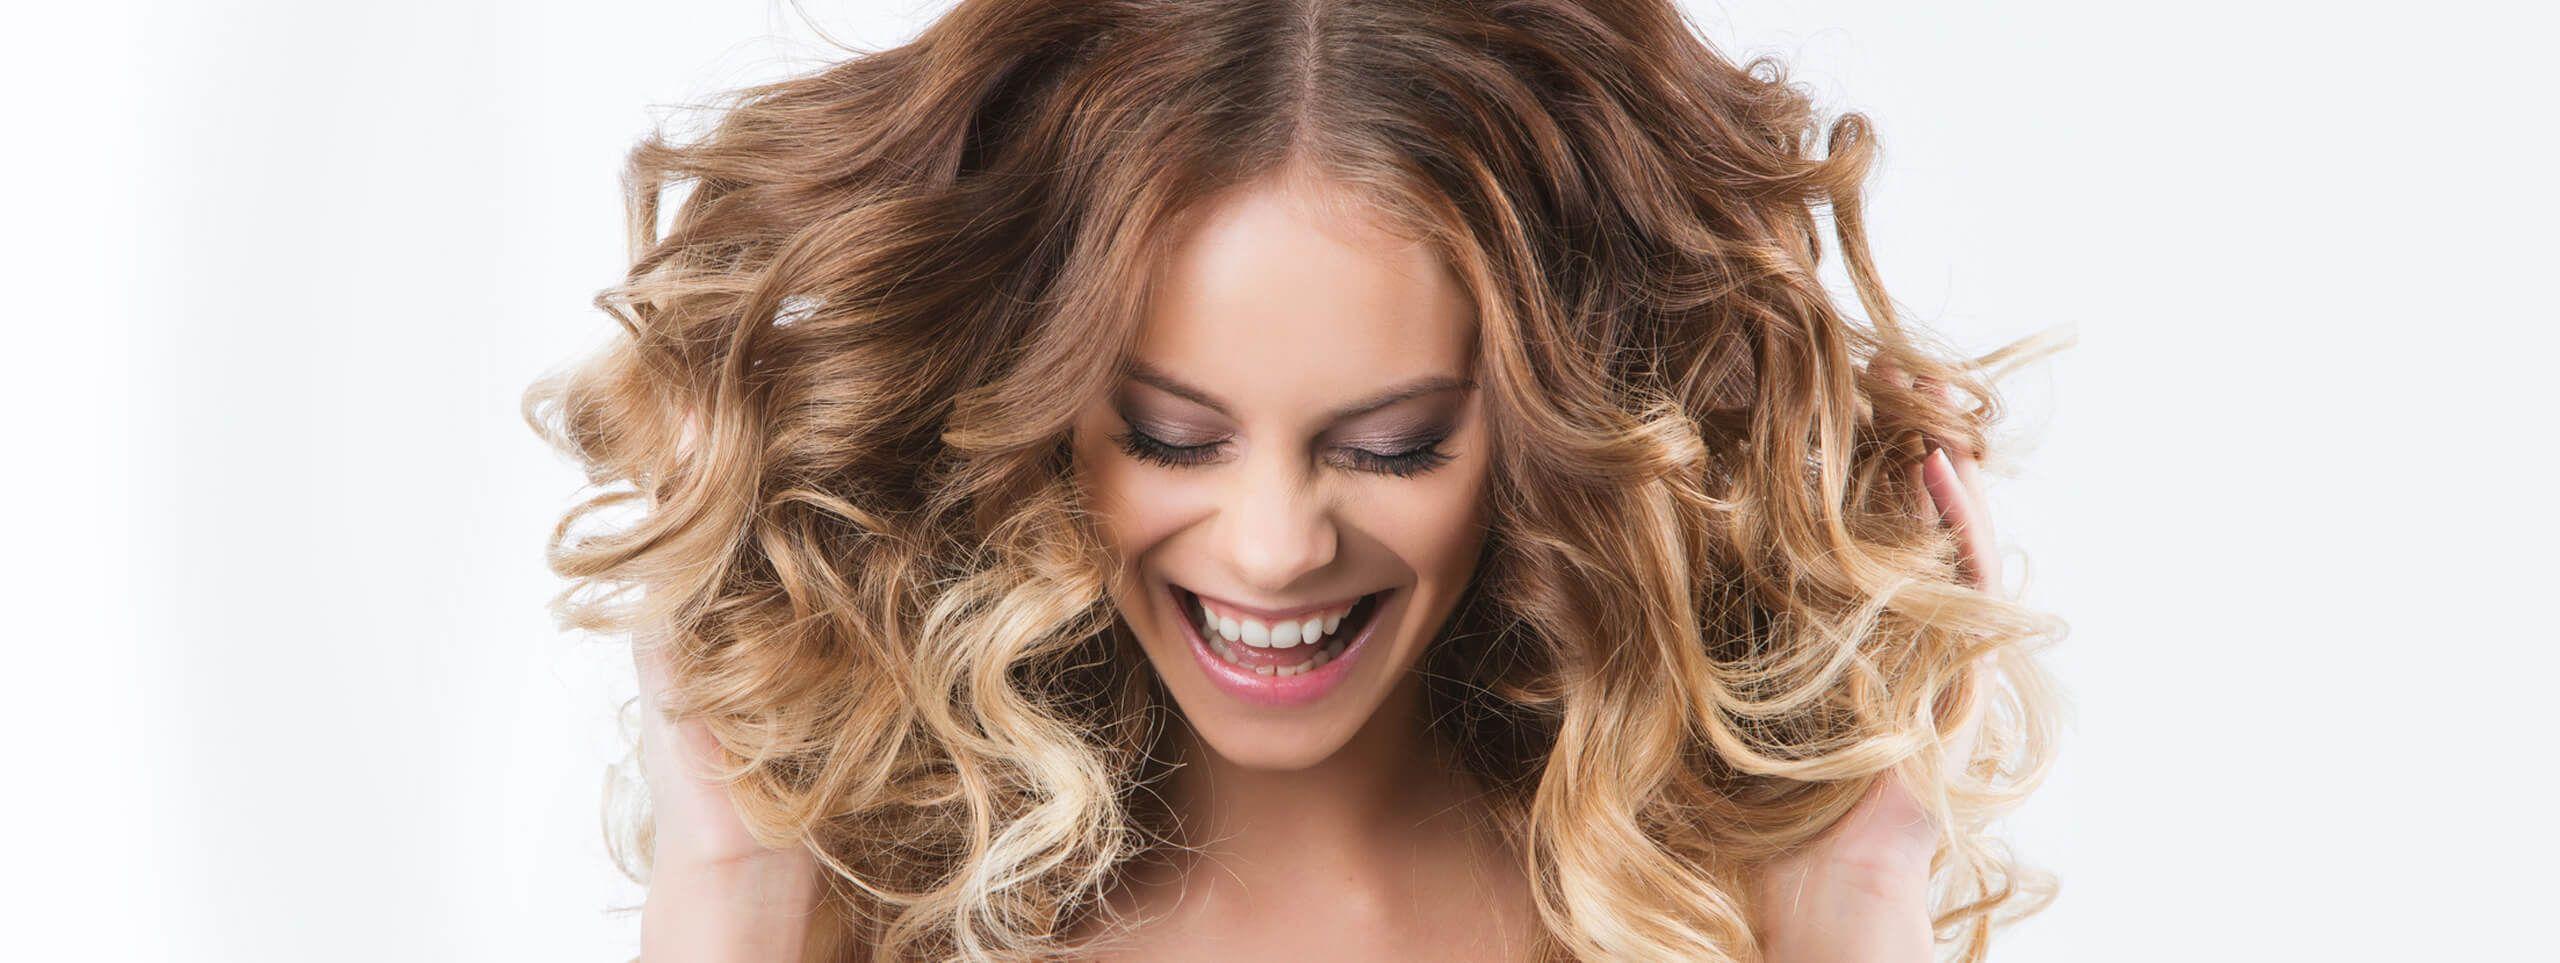 Modelo con ondas naturales y cabello rubio